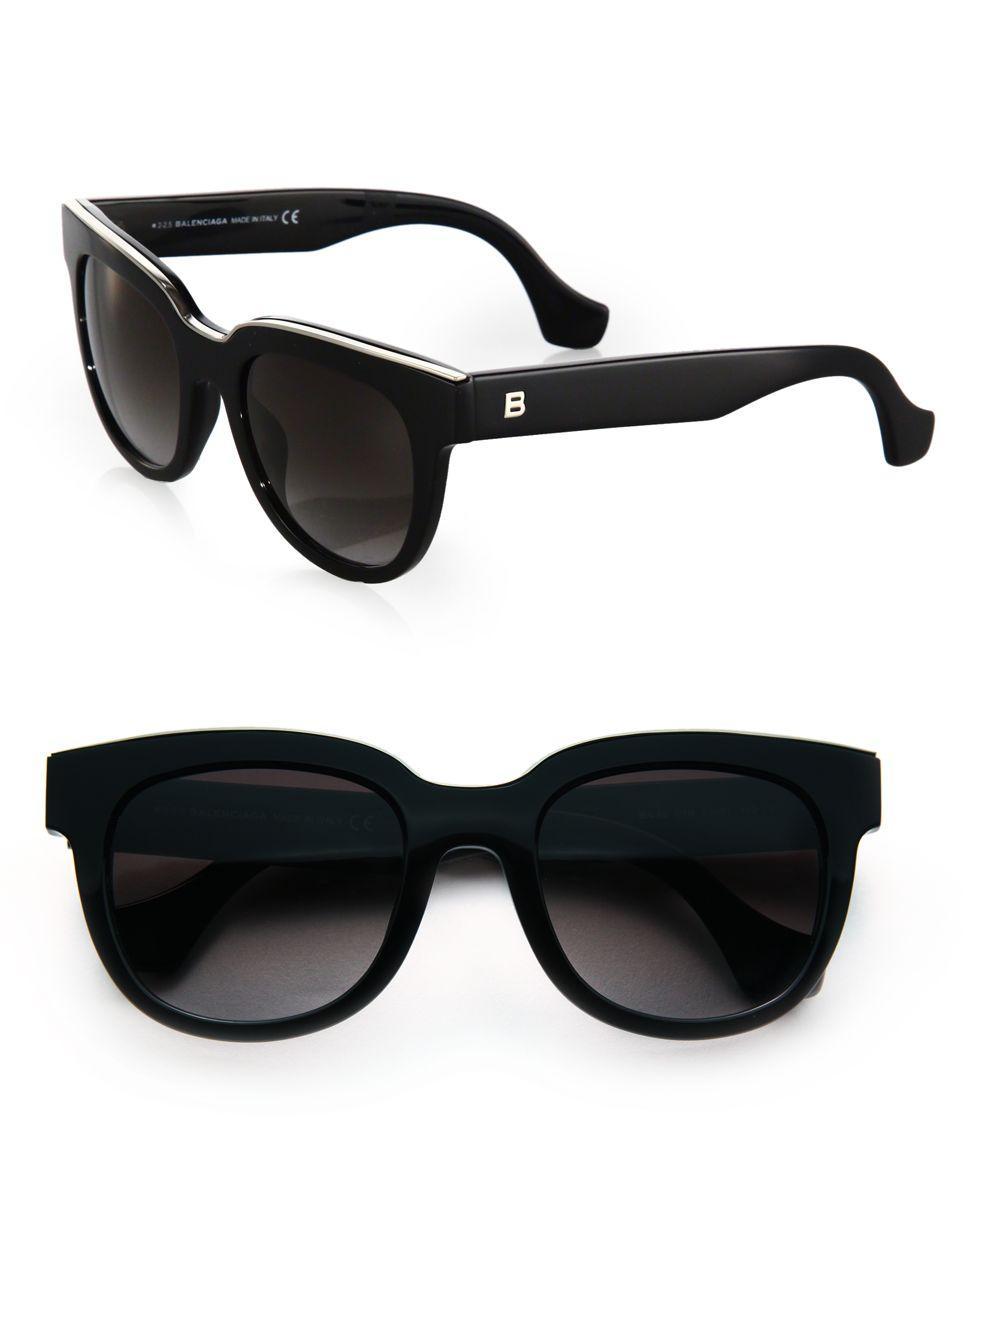 c1aea56891c81 Balenciaga 52mm Acetate   Metal Square Sunglasses in Black - Lyst